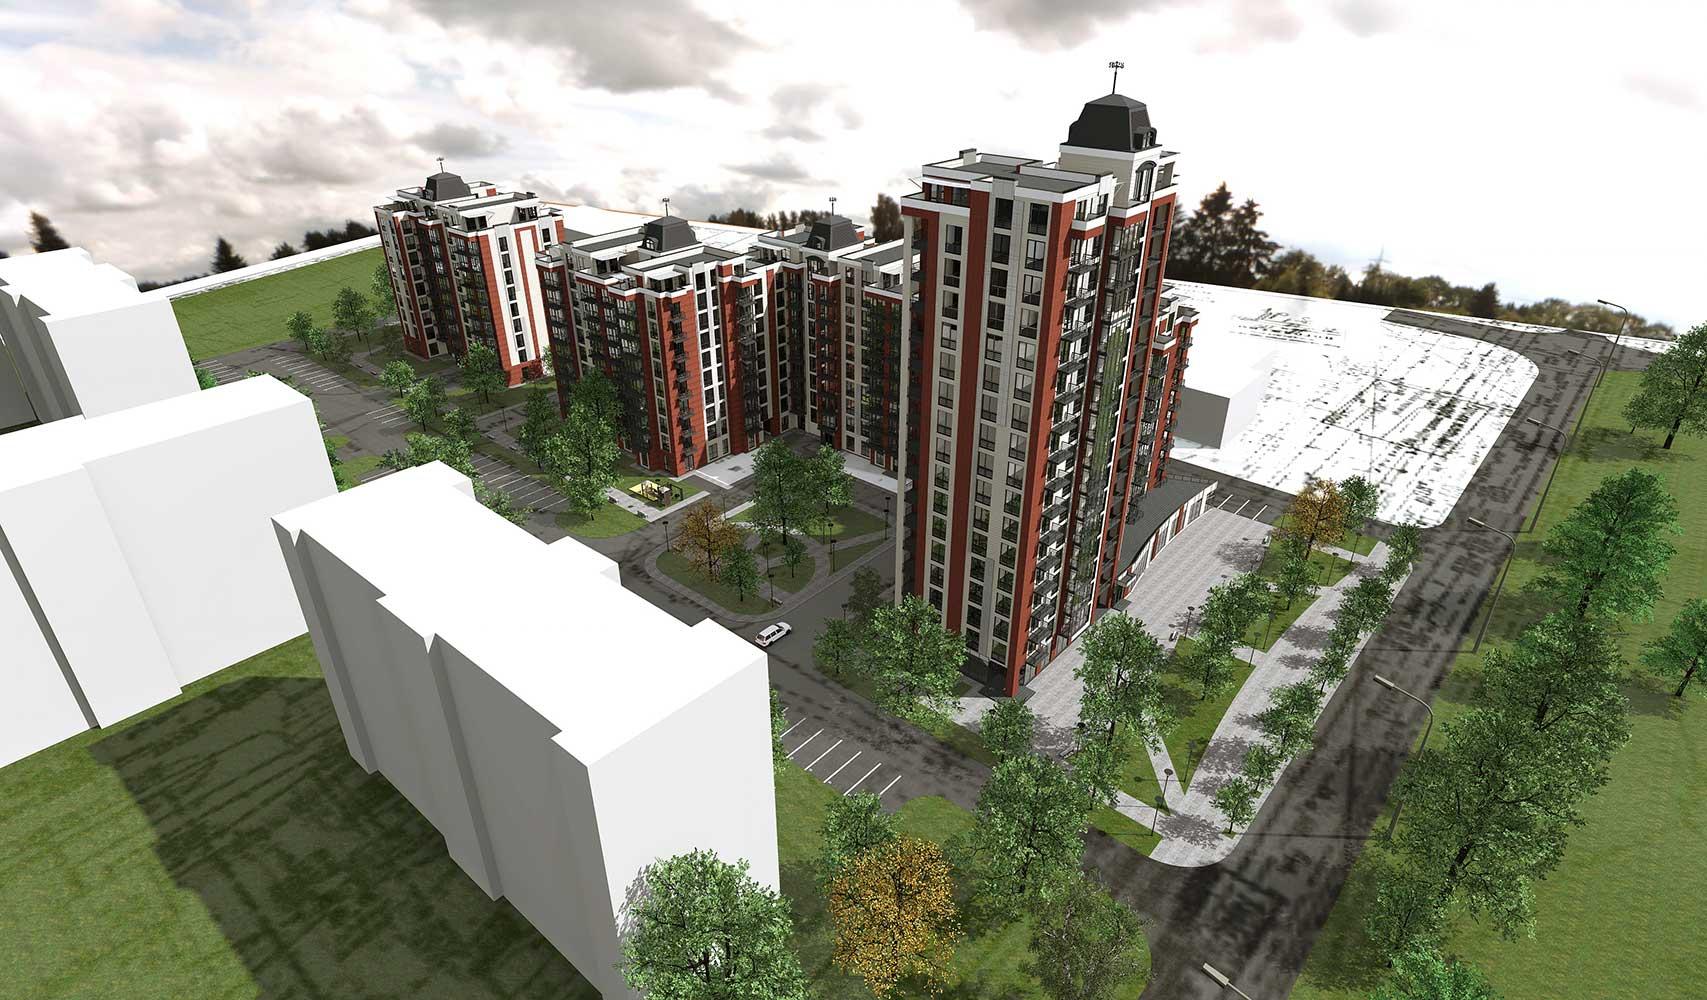 Проектное предложение жилого комплекса по ул. Порика в г. Виннице (фото 1)